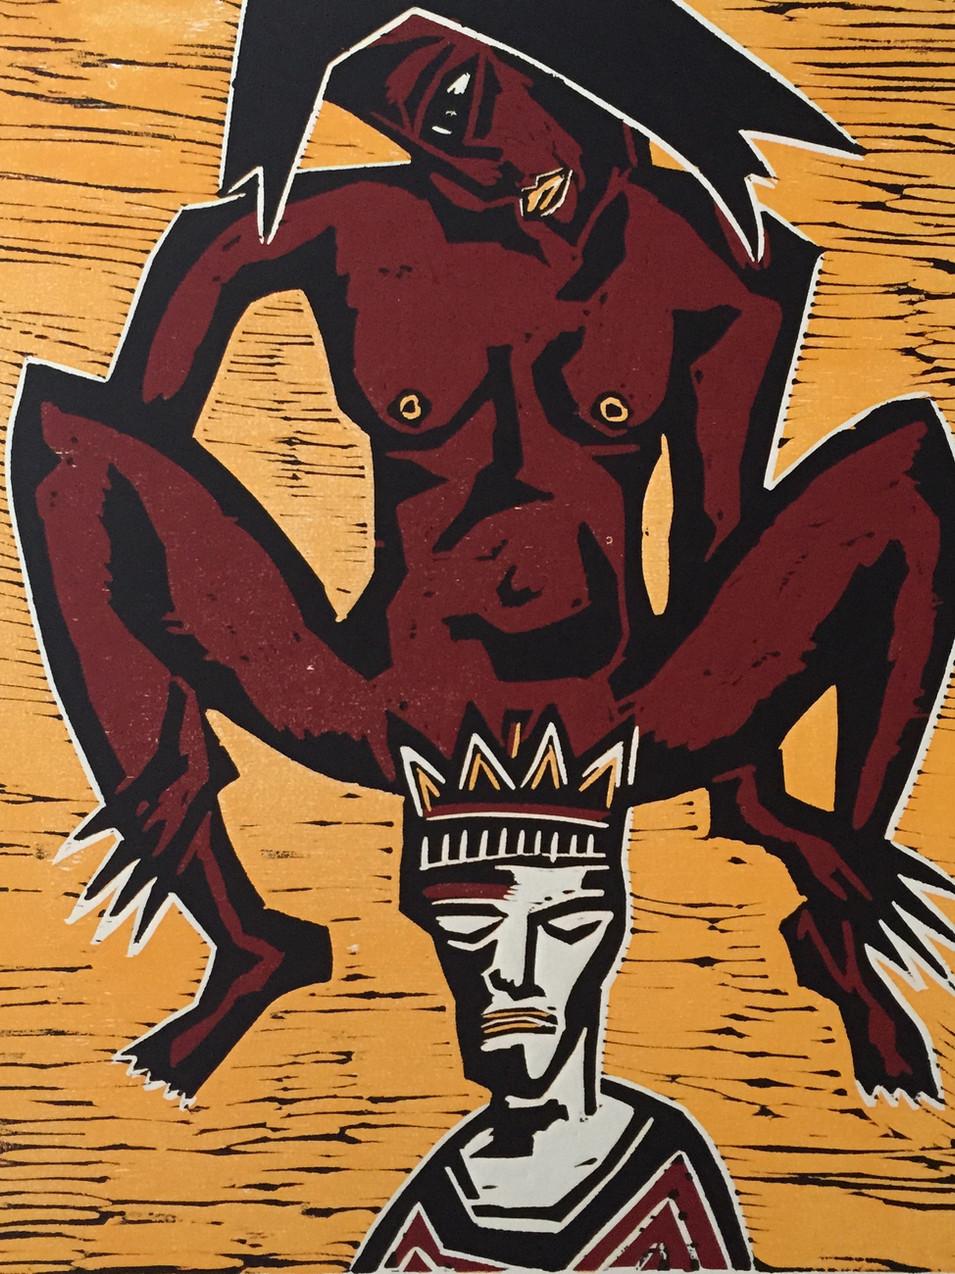 Klaus Süß   Die Macht der Frau  Mappe König und Narr  2000   Farbholzschnitt   5/10 51 x 41 cm  Mappe komplett1400 Euro